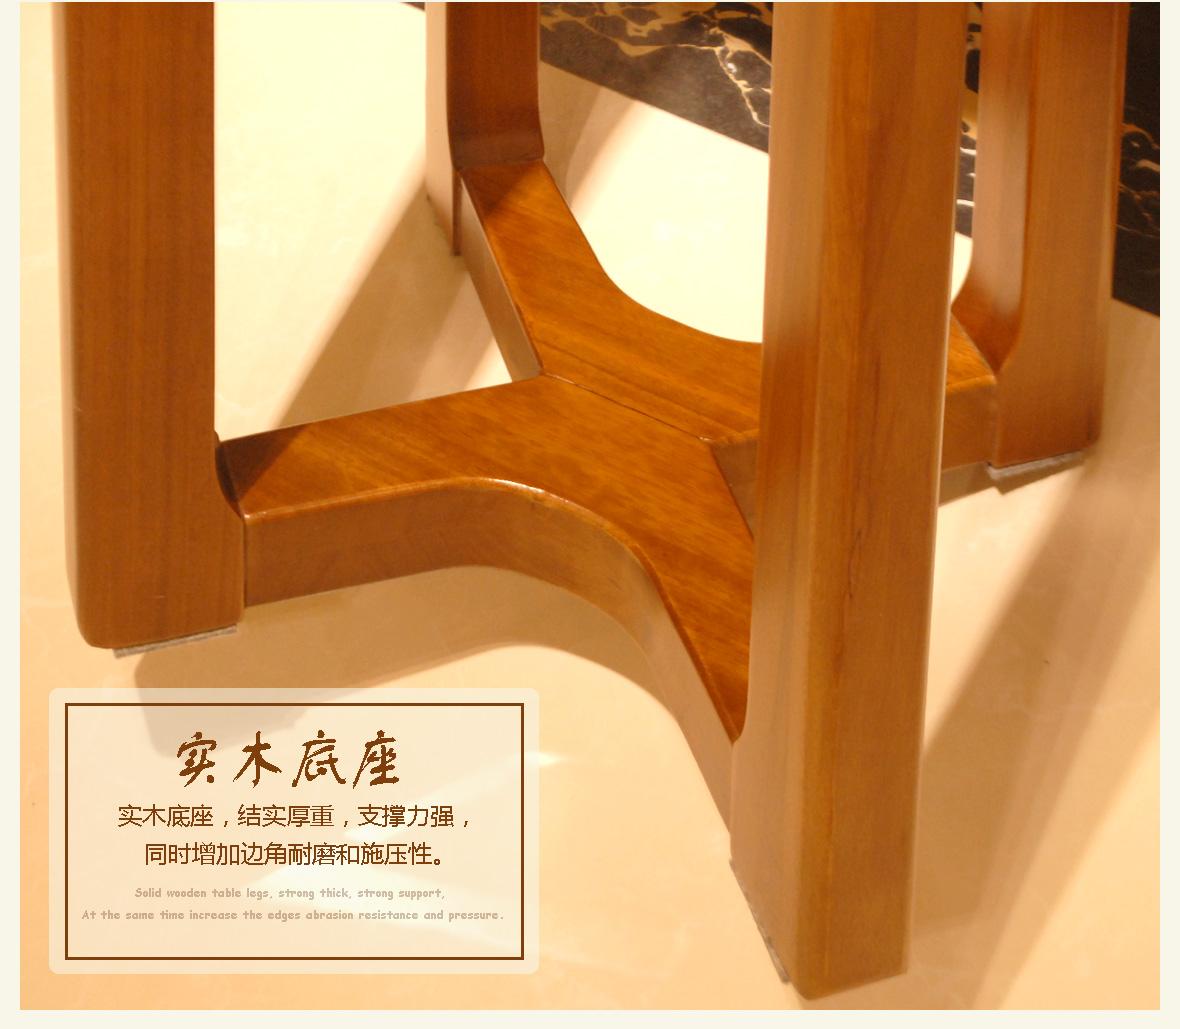 赖氏乌金花架木高家具WJW0101A联邦v乌金实木家具型号沙发图片